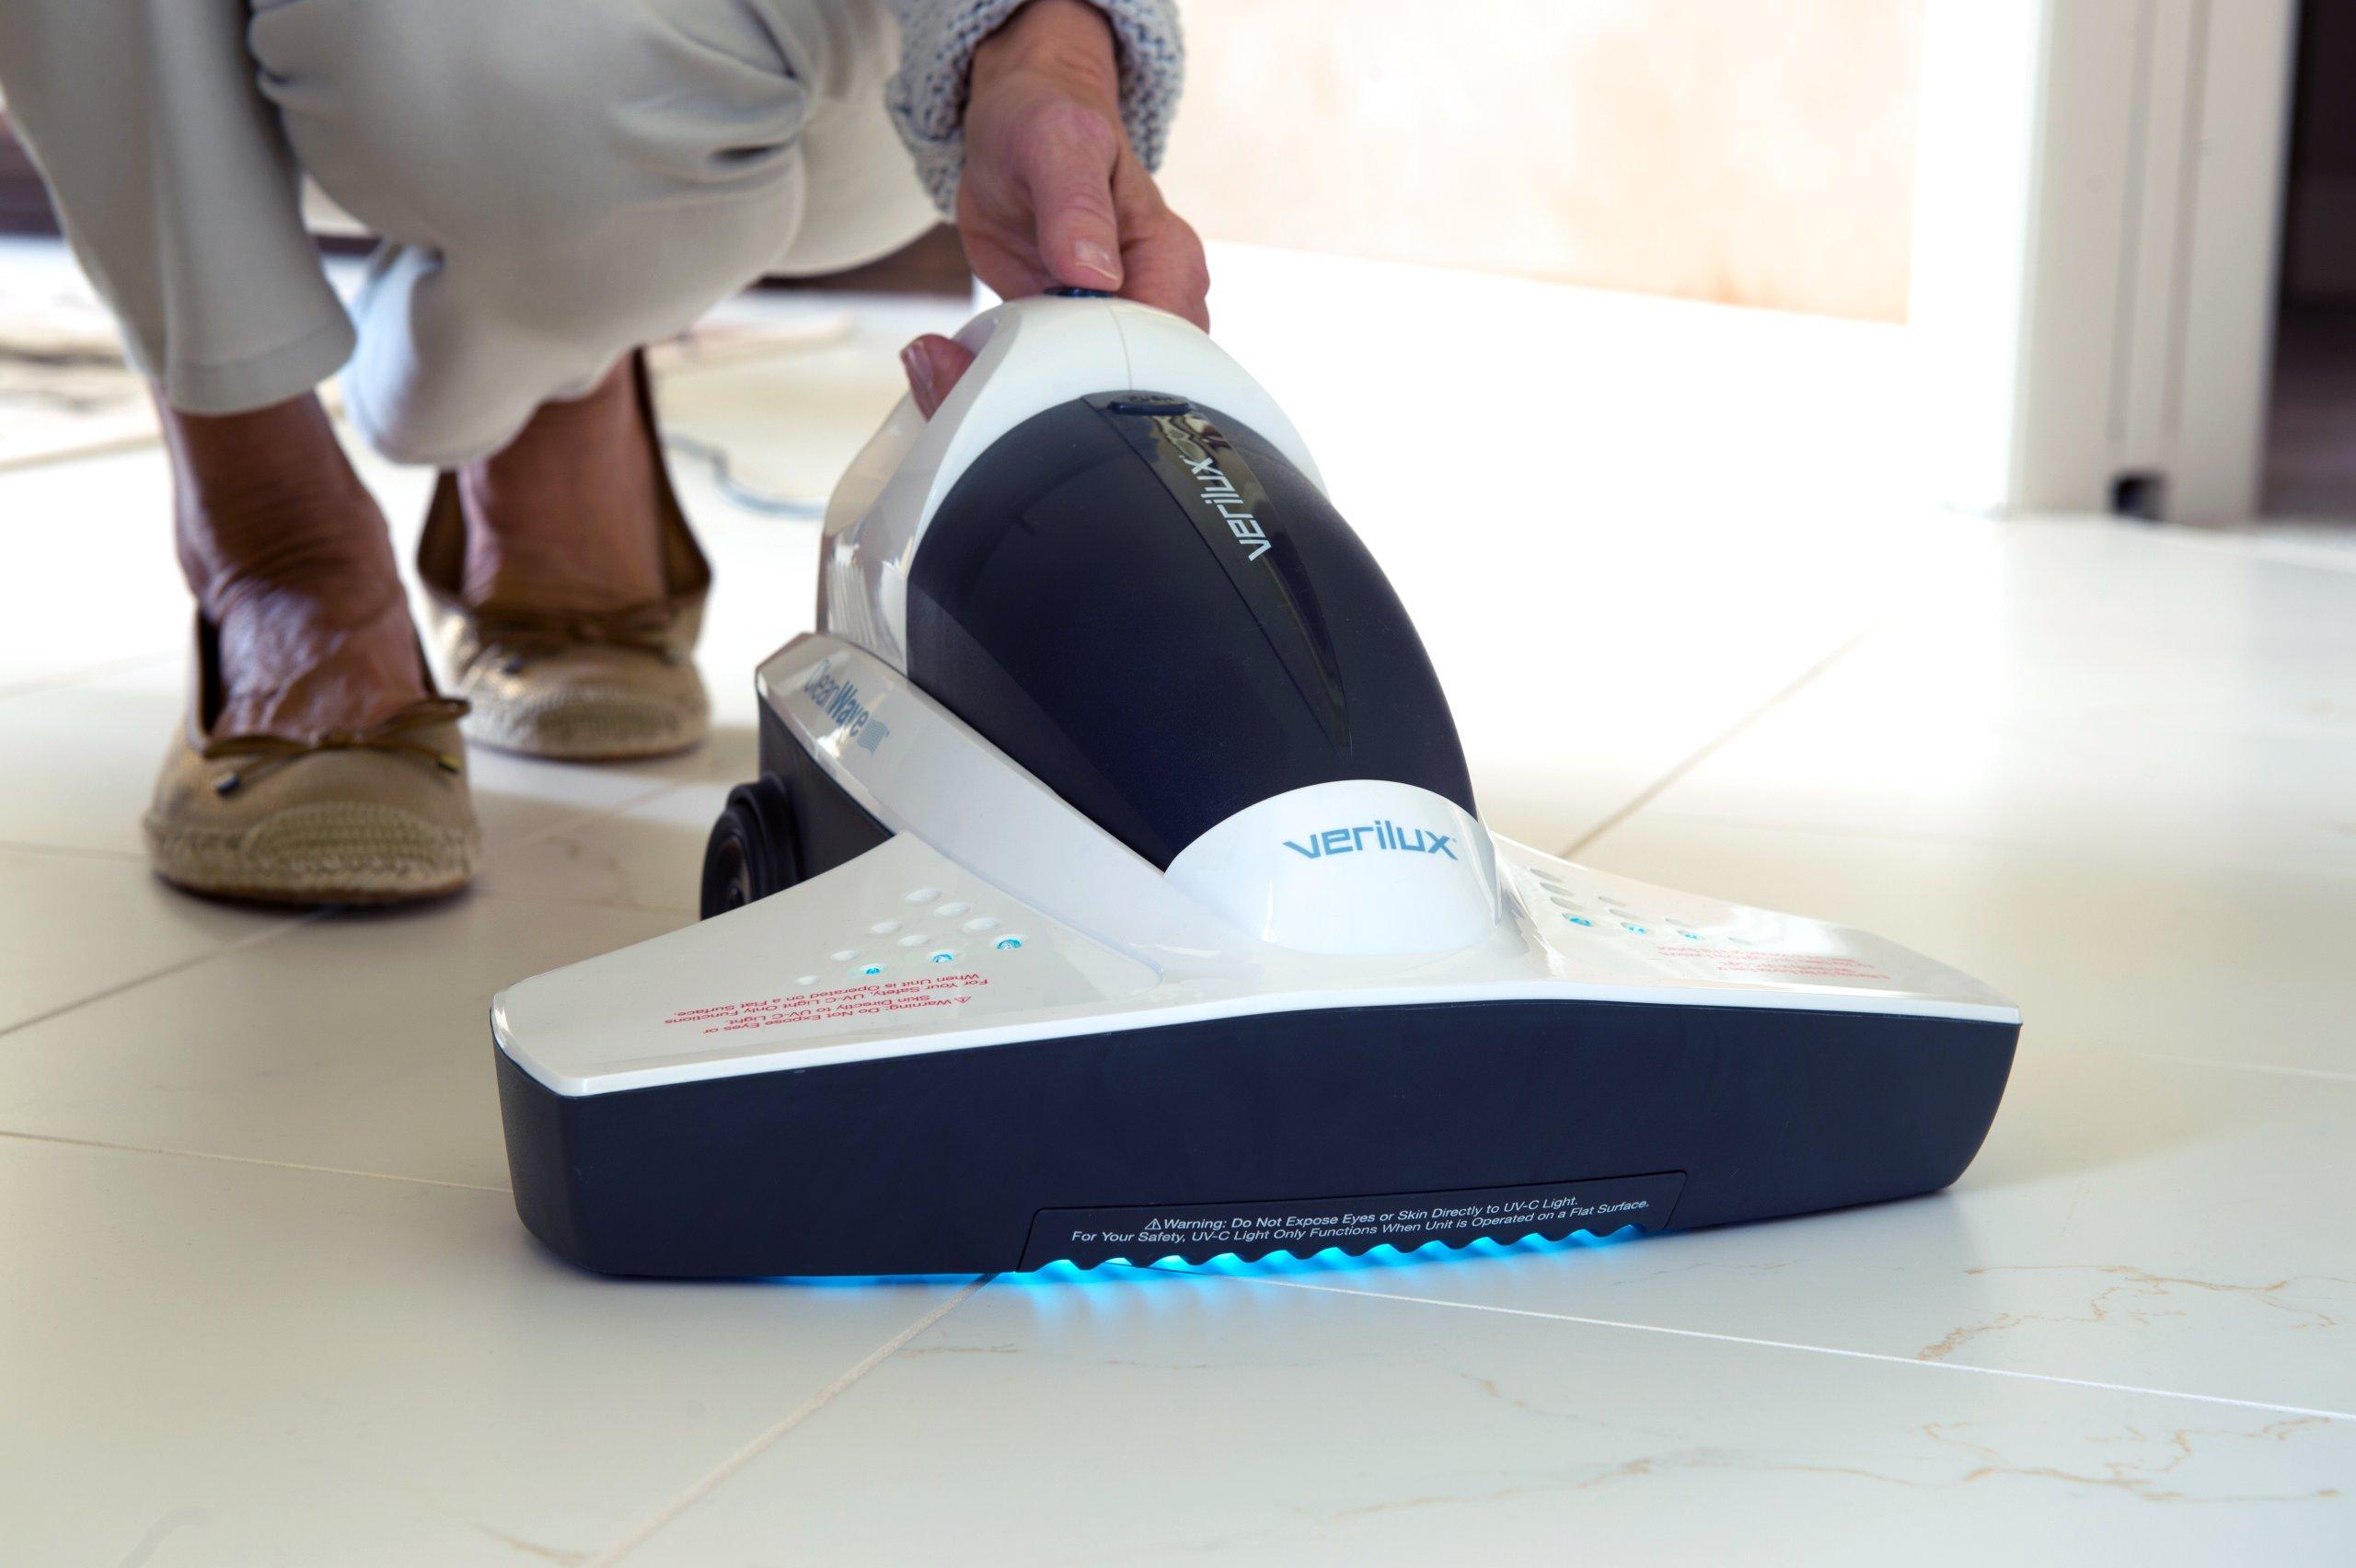 Verilux Cleanwave Sanitizing Portable Vacuum Uv